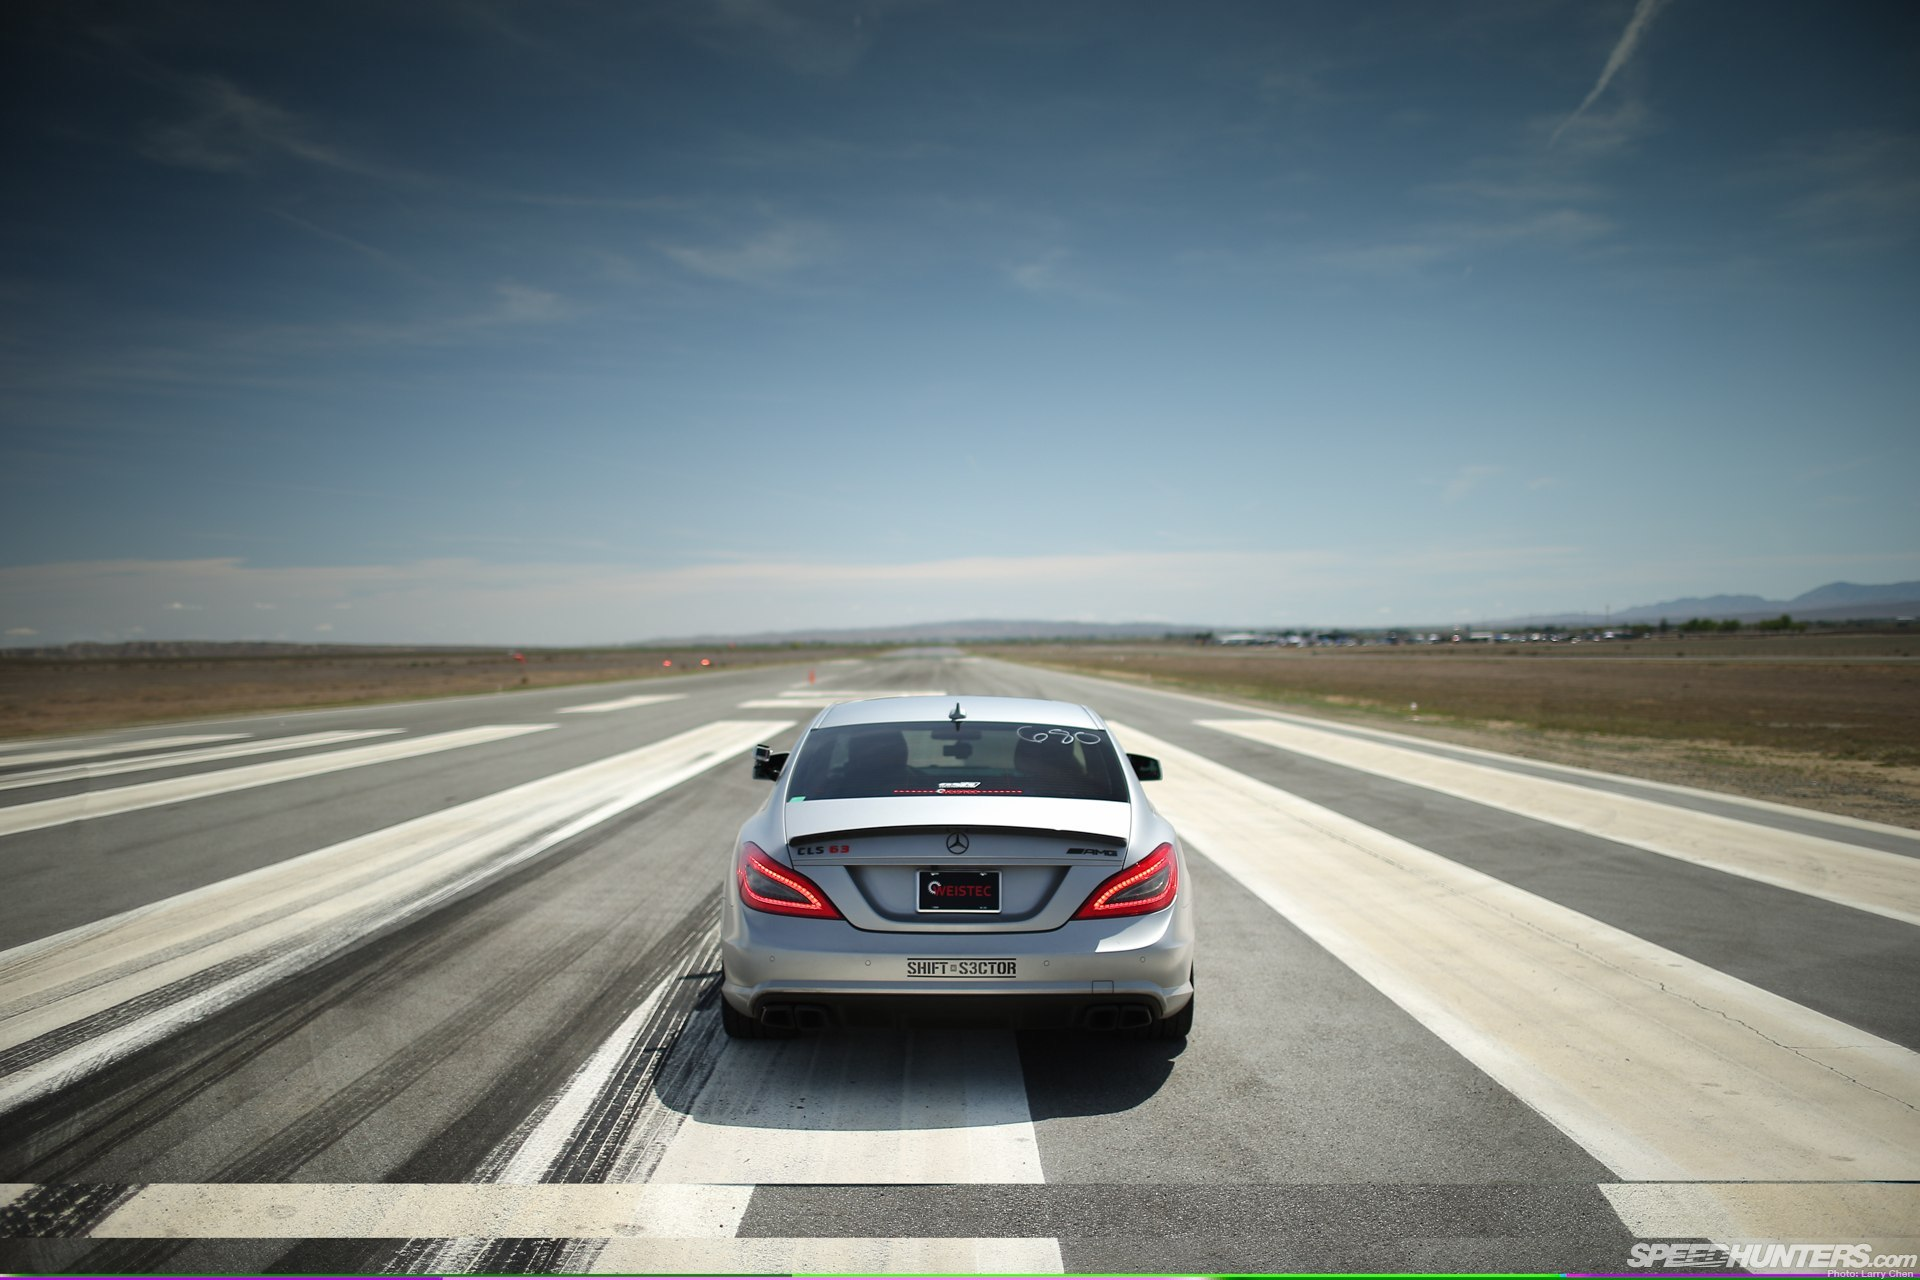 21653 скачать обои Транспорт, Машины, Дороги, Мерседес (Mercedes) - заставки и картинки бесплатно